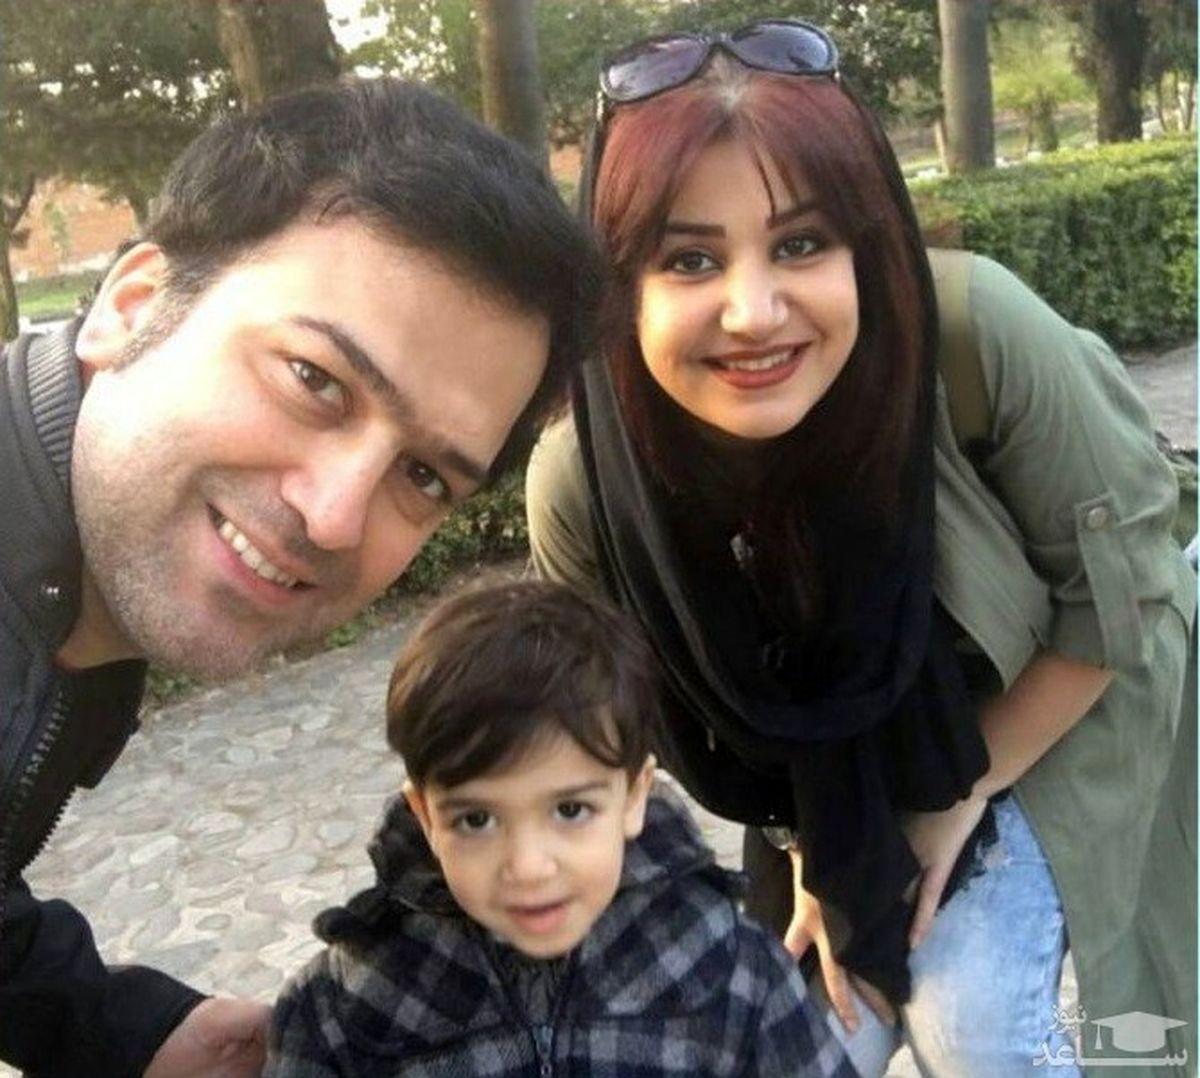 بیوگرافی و عکس جدید حامد آهنگی و همسر و فرزندش